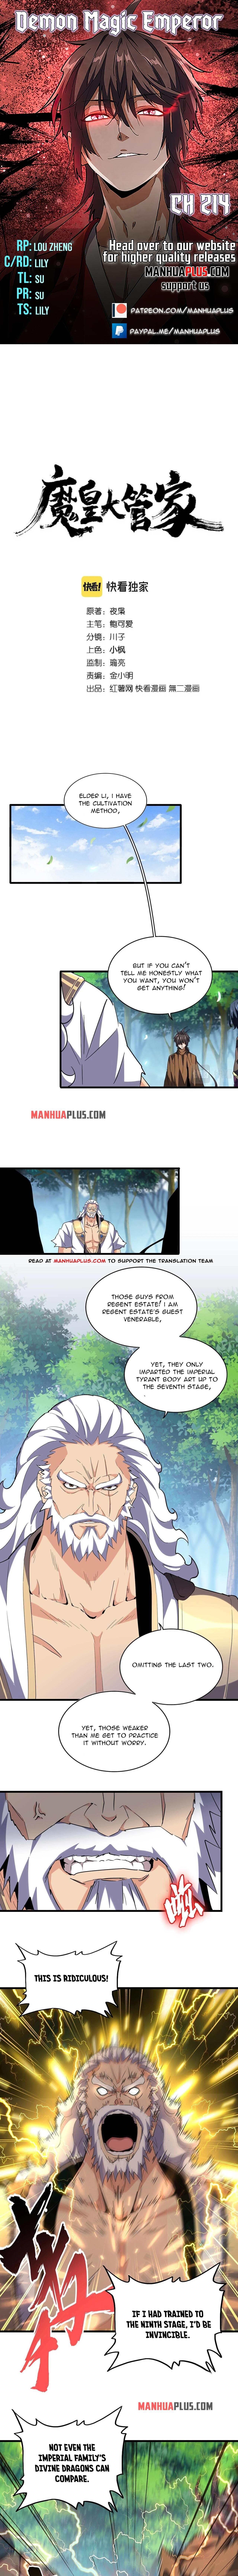 Magic Emperor Chapter 214 page 1 - Mangakakalot